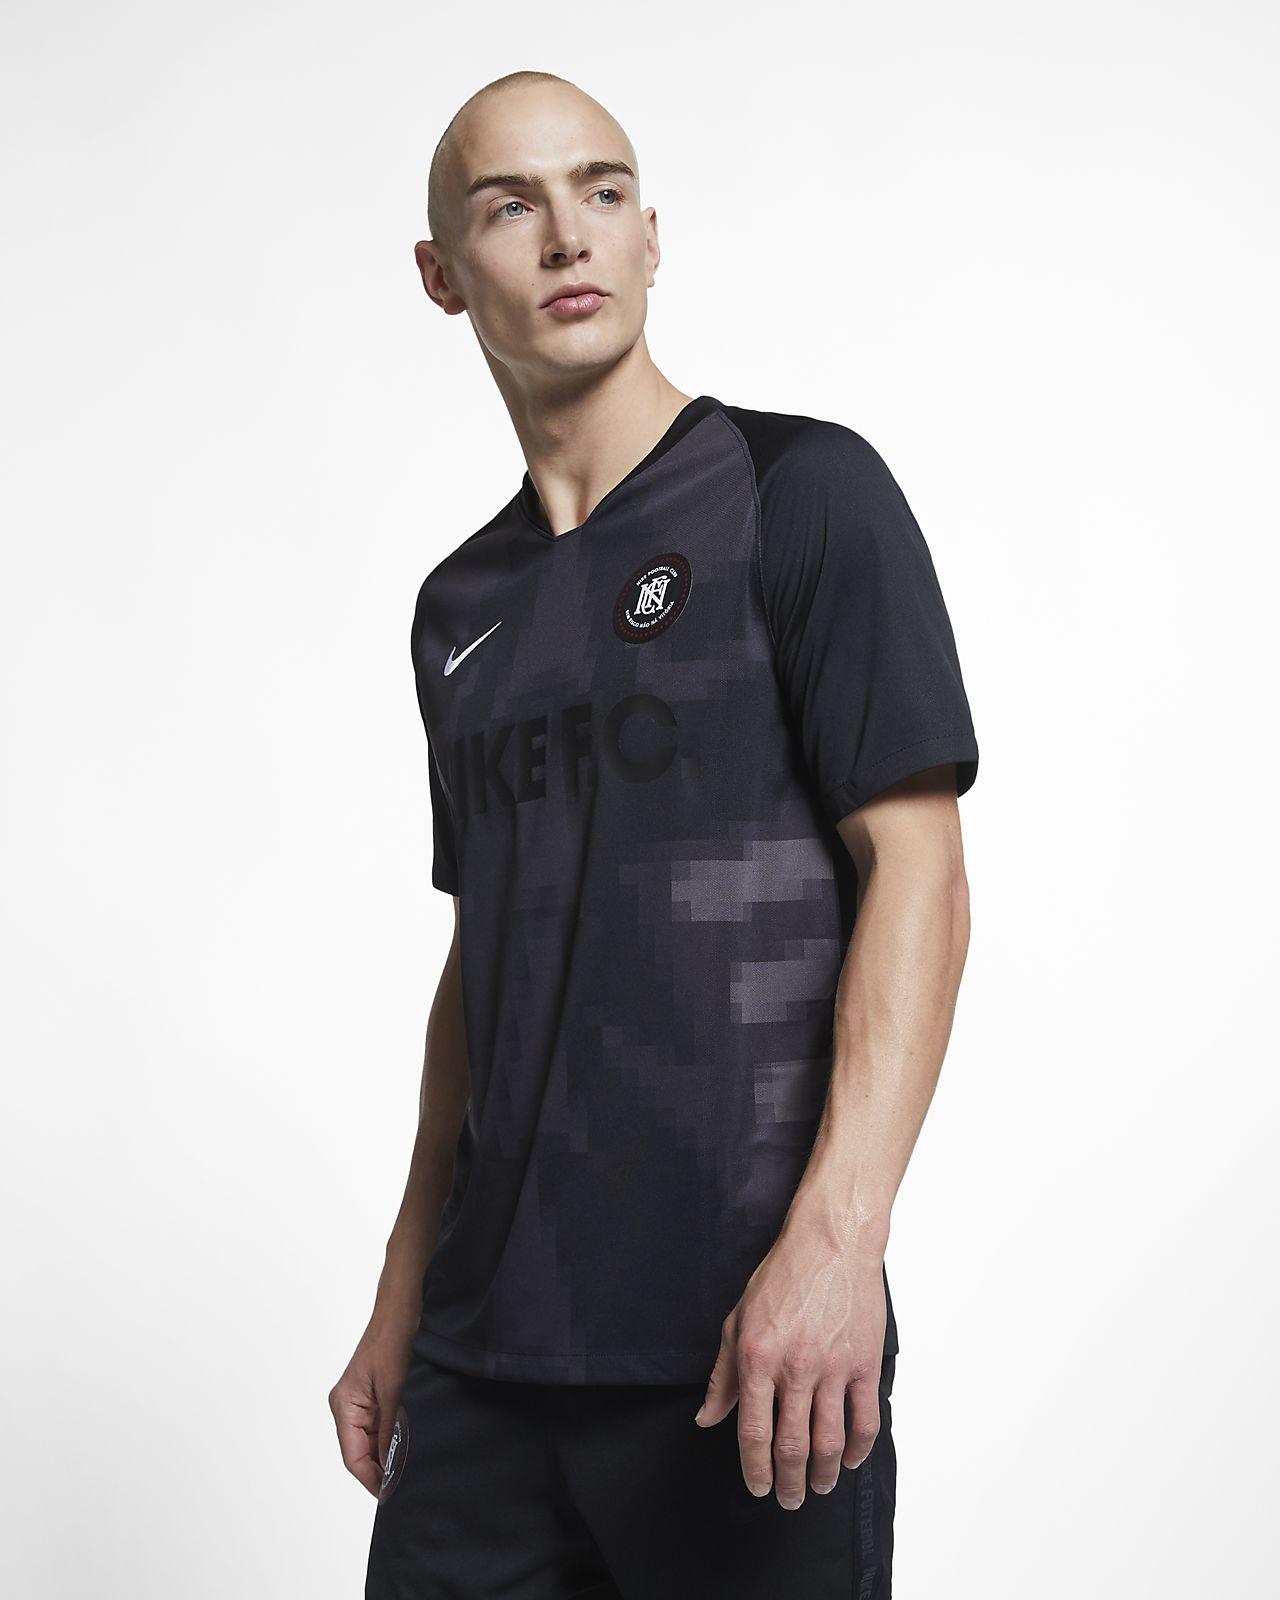 Ανδρική ποδοσφαιρική φανέλα Nike F.C.